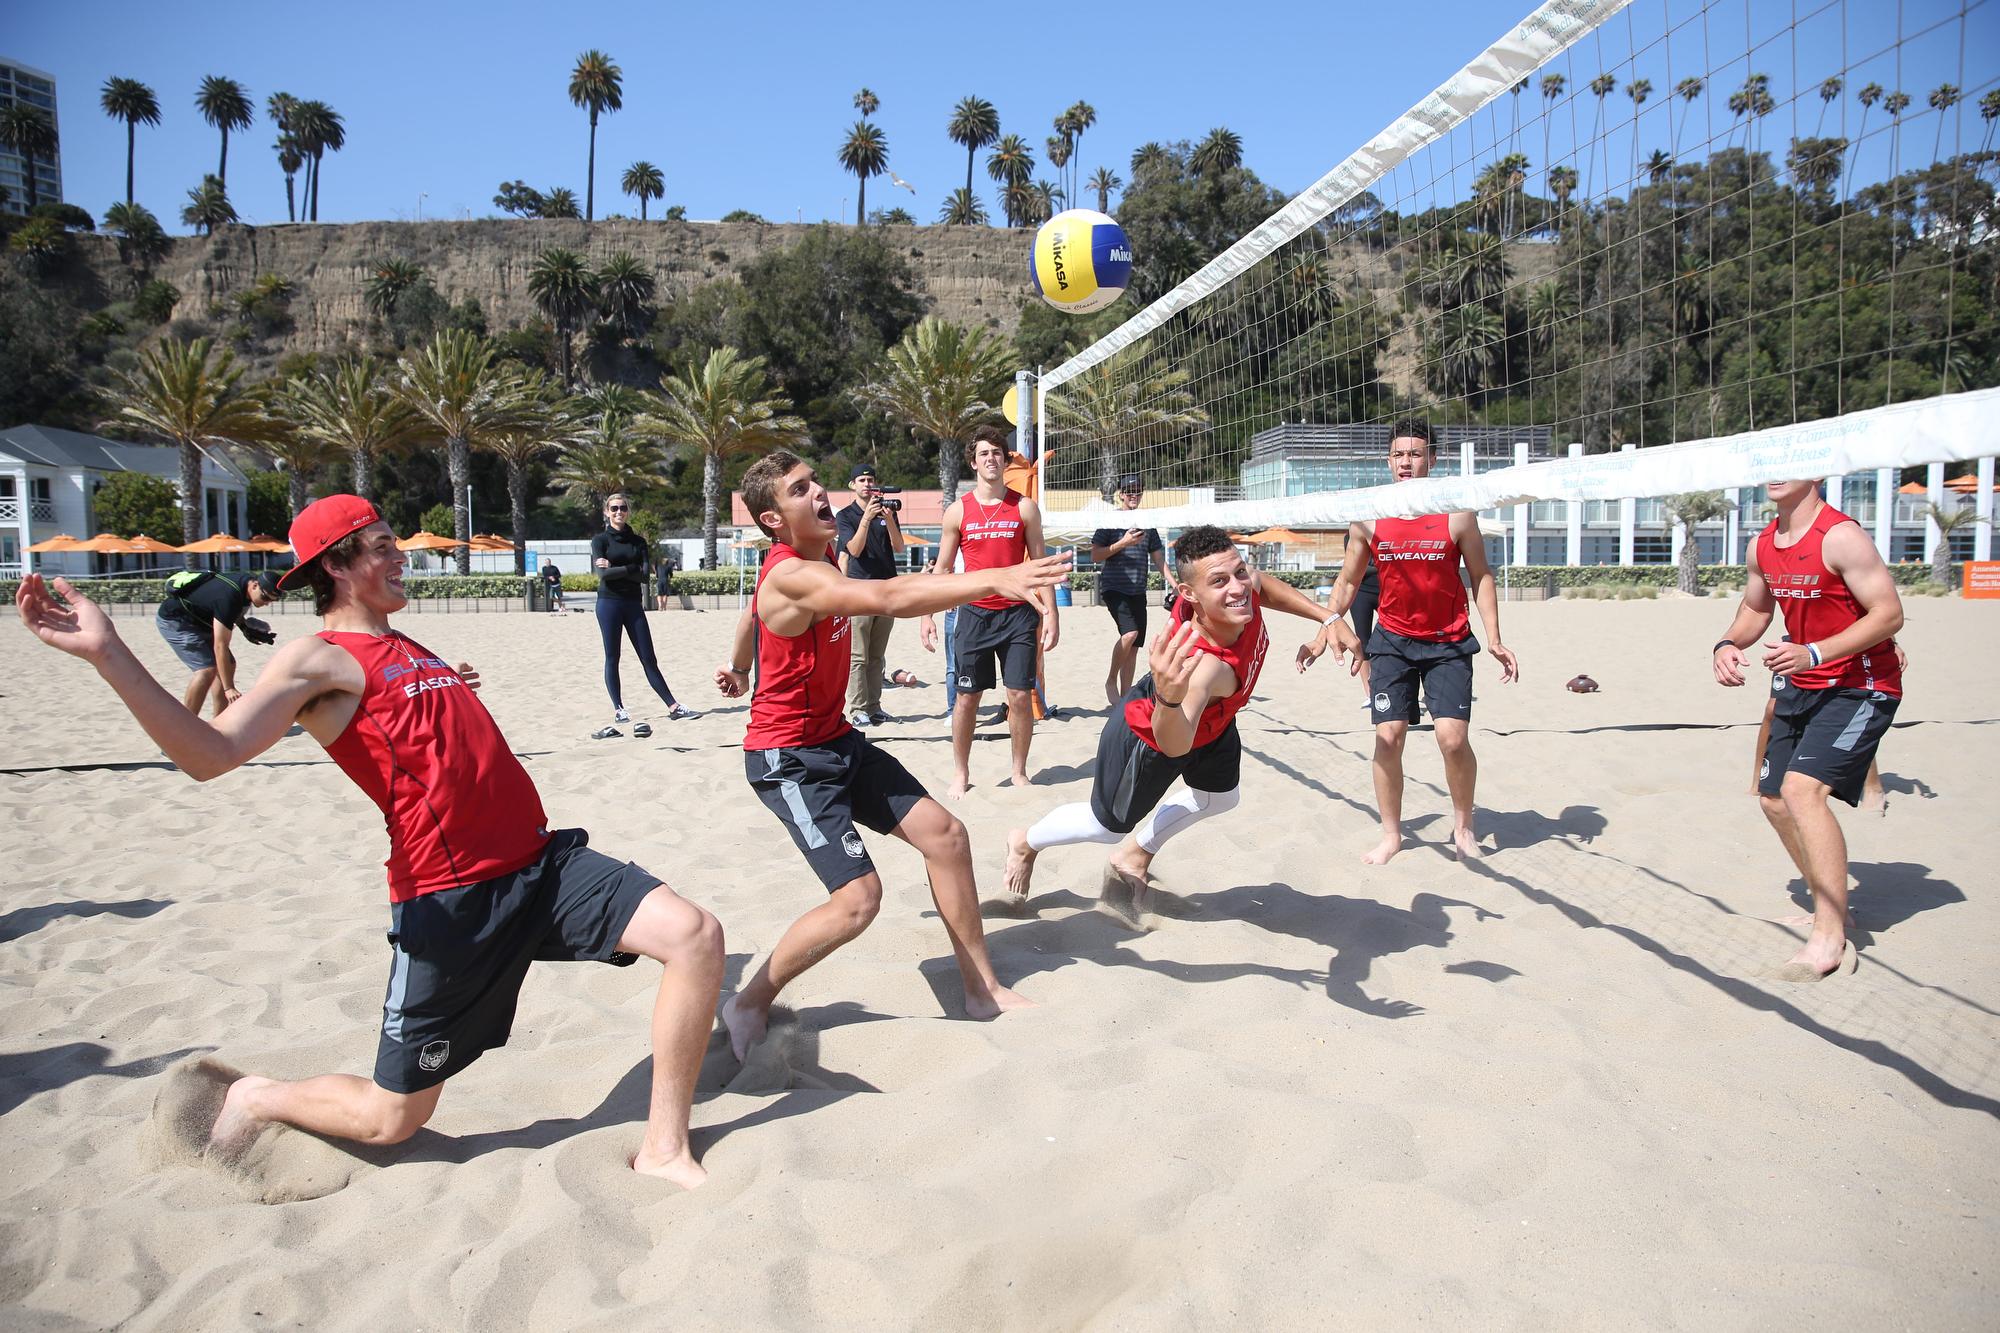 Elite 11 Beach Volleyball